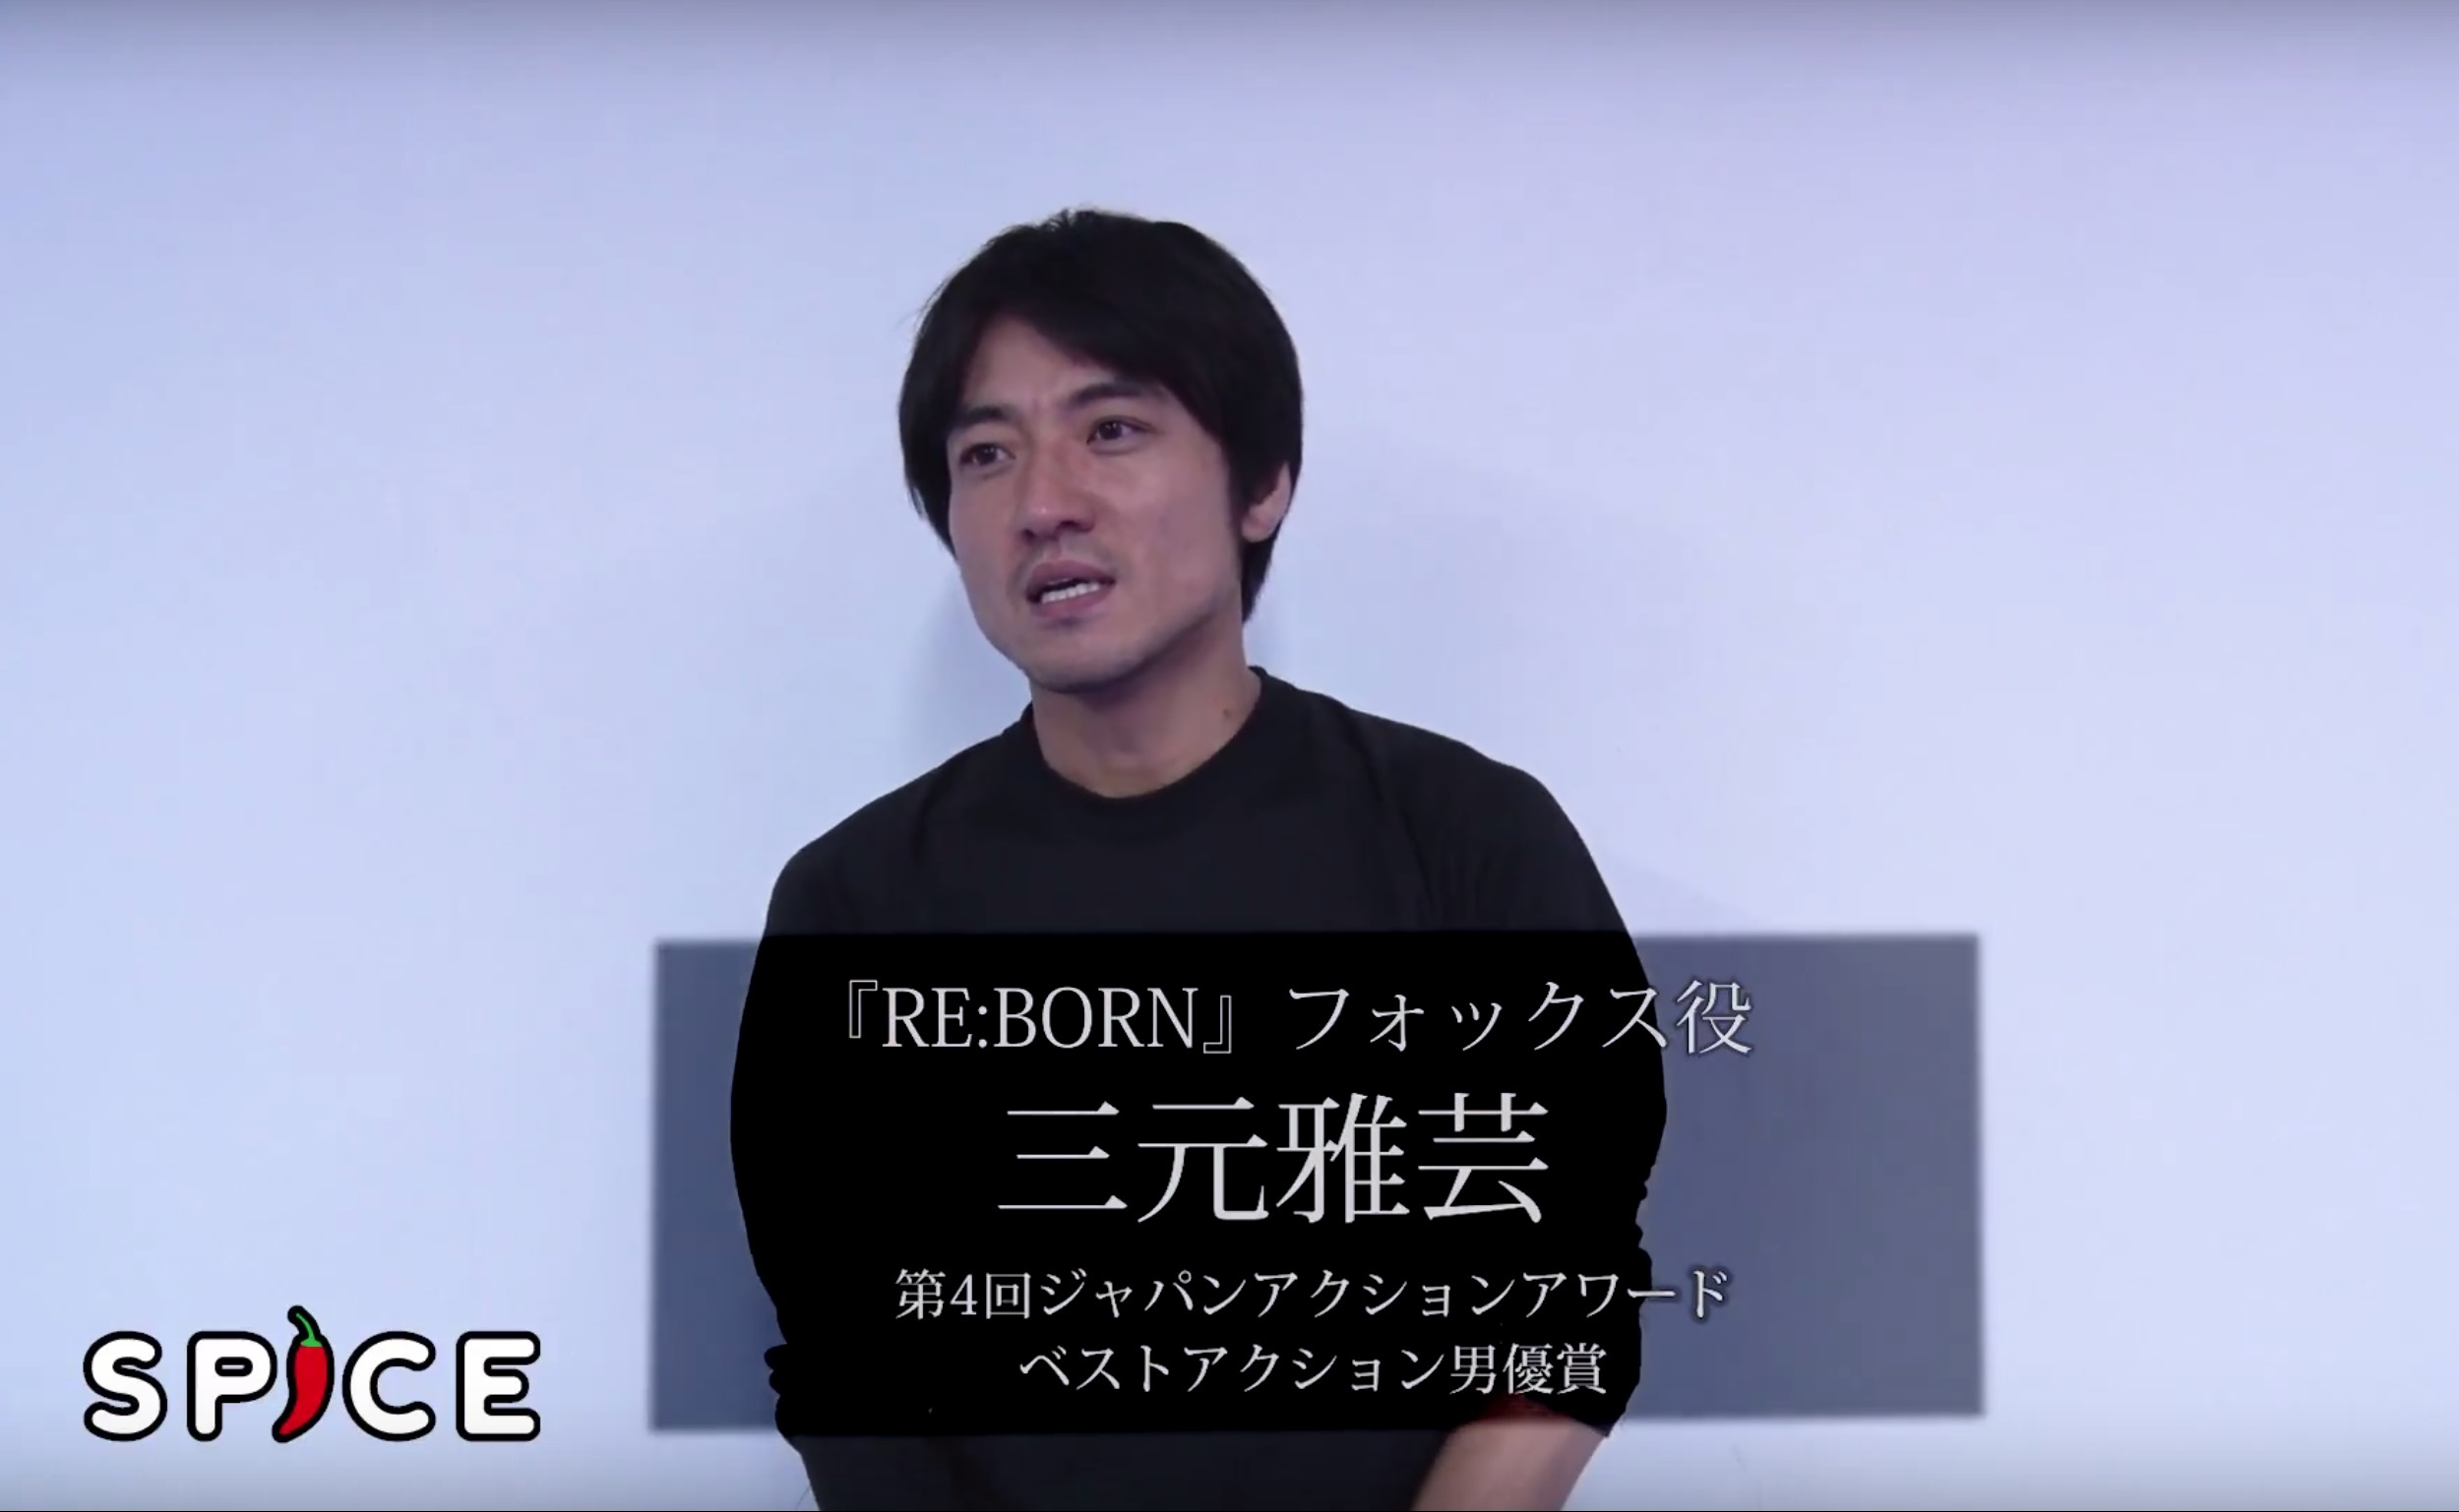 三元雅芸は今回が『リボーンコンバットシステム』初参加